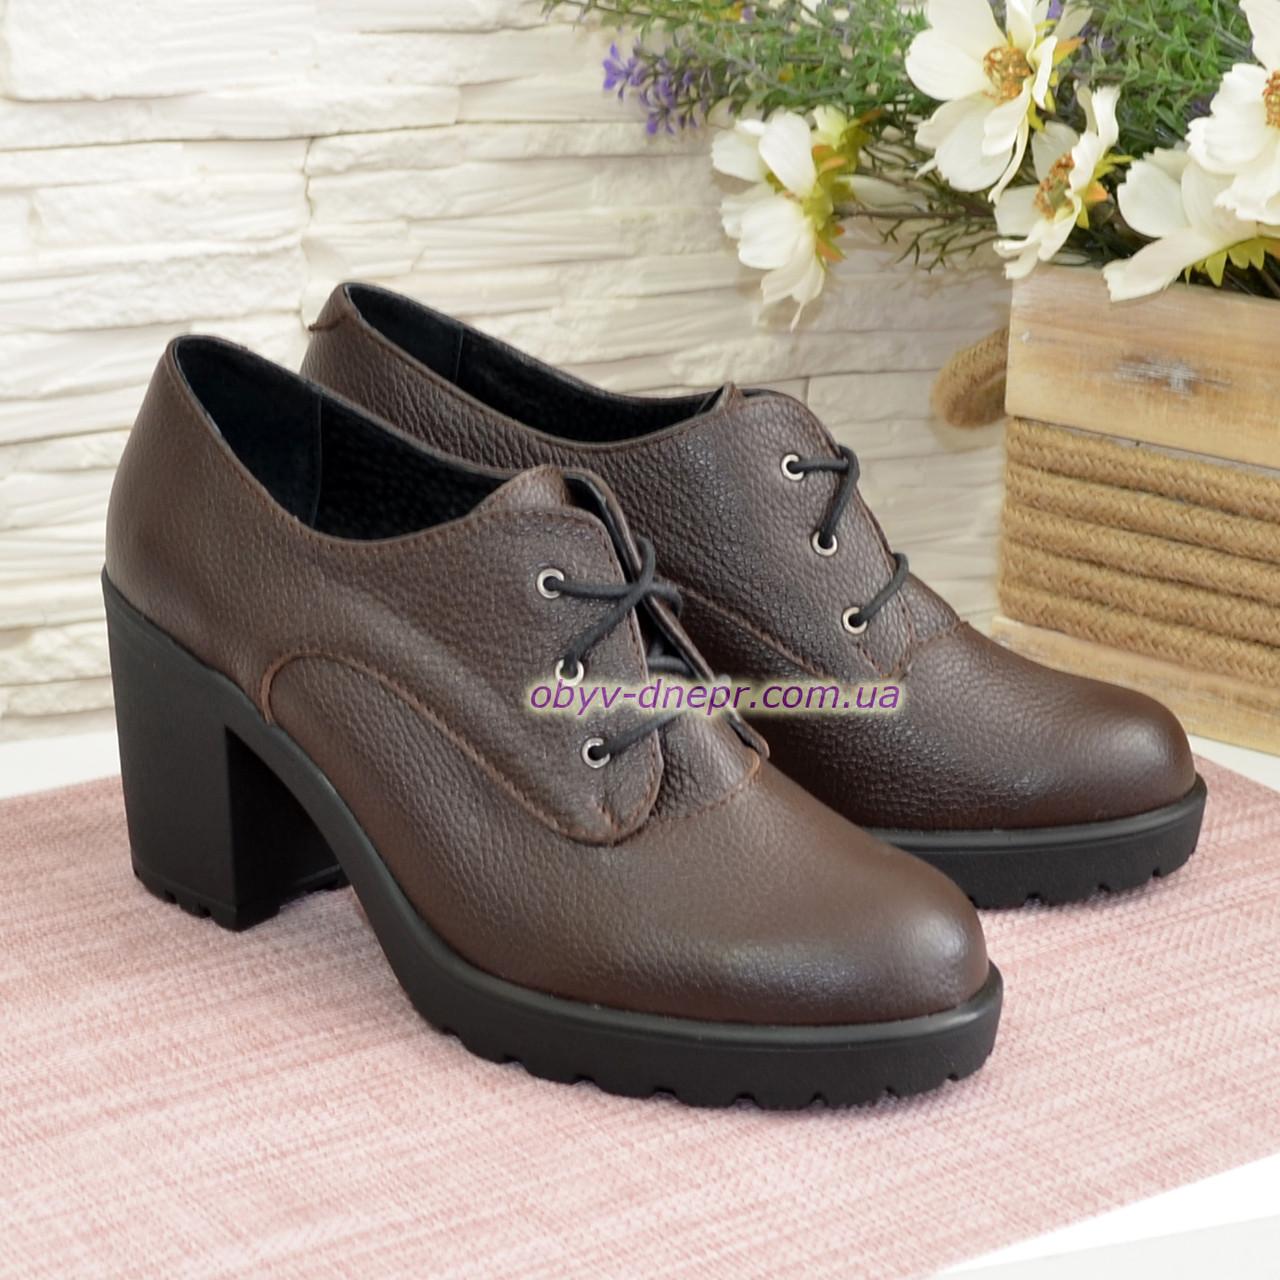 Женские кожаные туфли на устойчивом каблуке, цвет коричневый